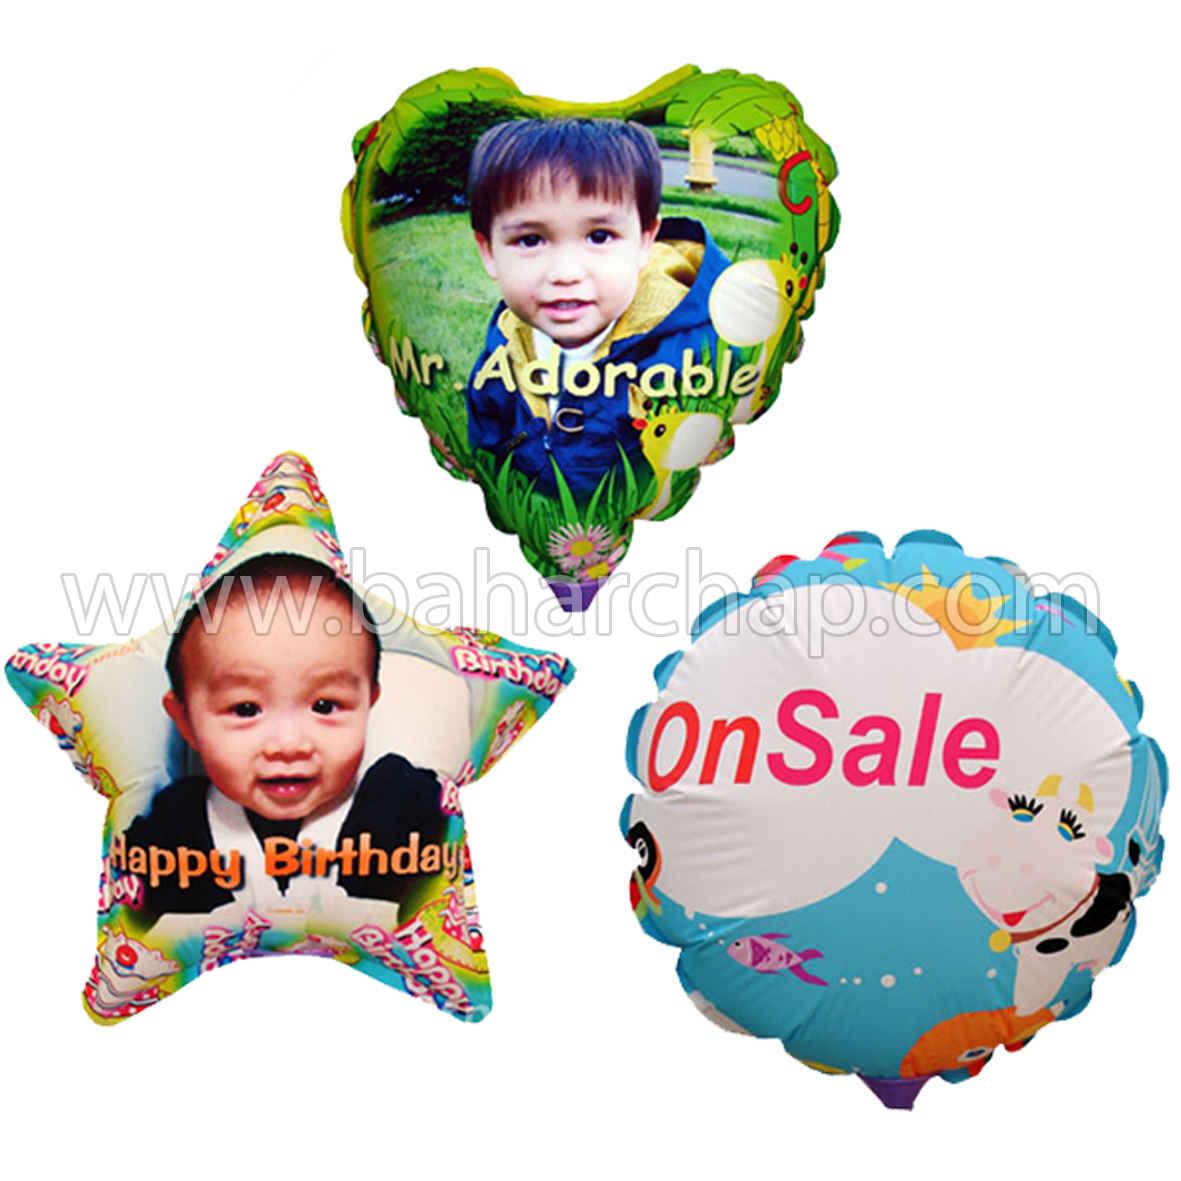 فروشگاه و خدمات اینترنتی بهارچاپ اصفهان-بادکنک و بالون مخصوص پرینت با اپسون-Print Balloons by epson